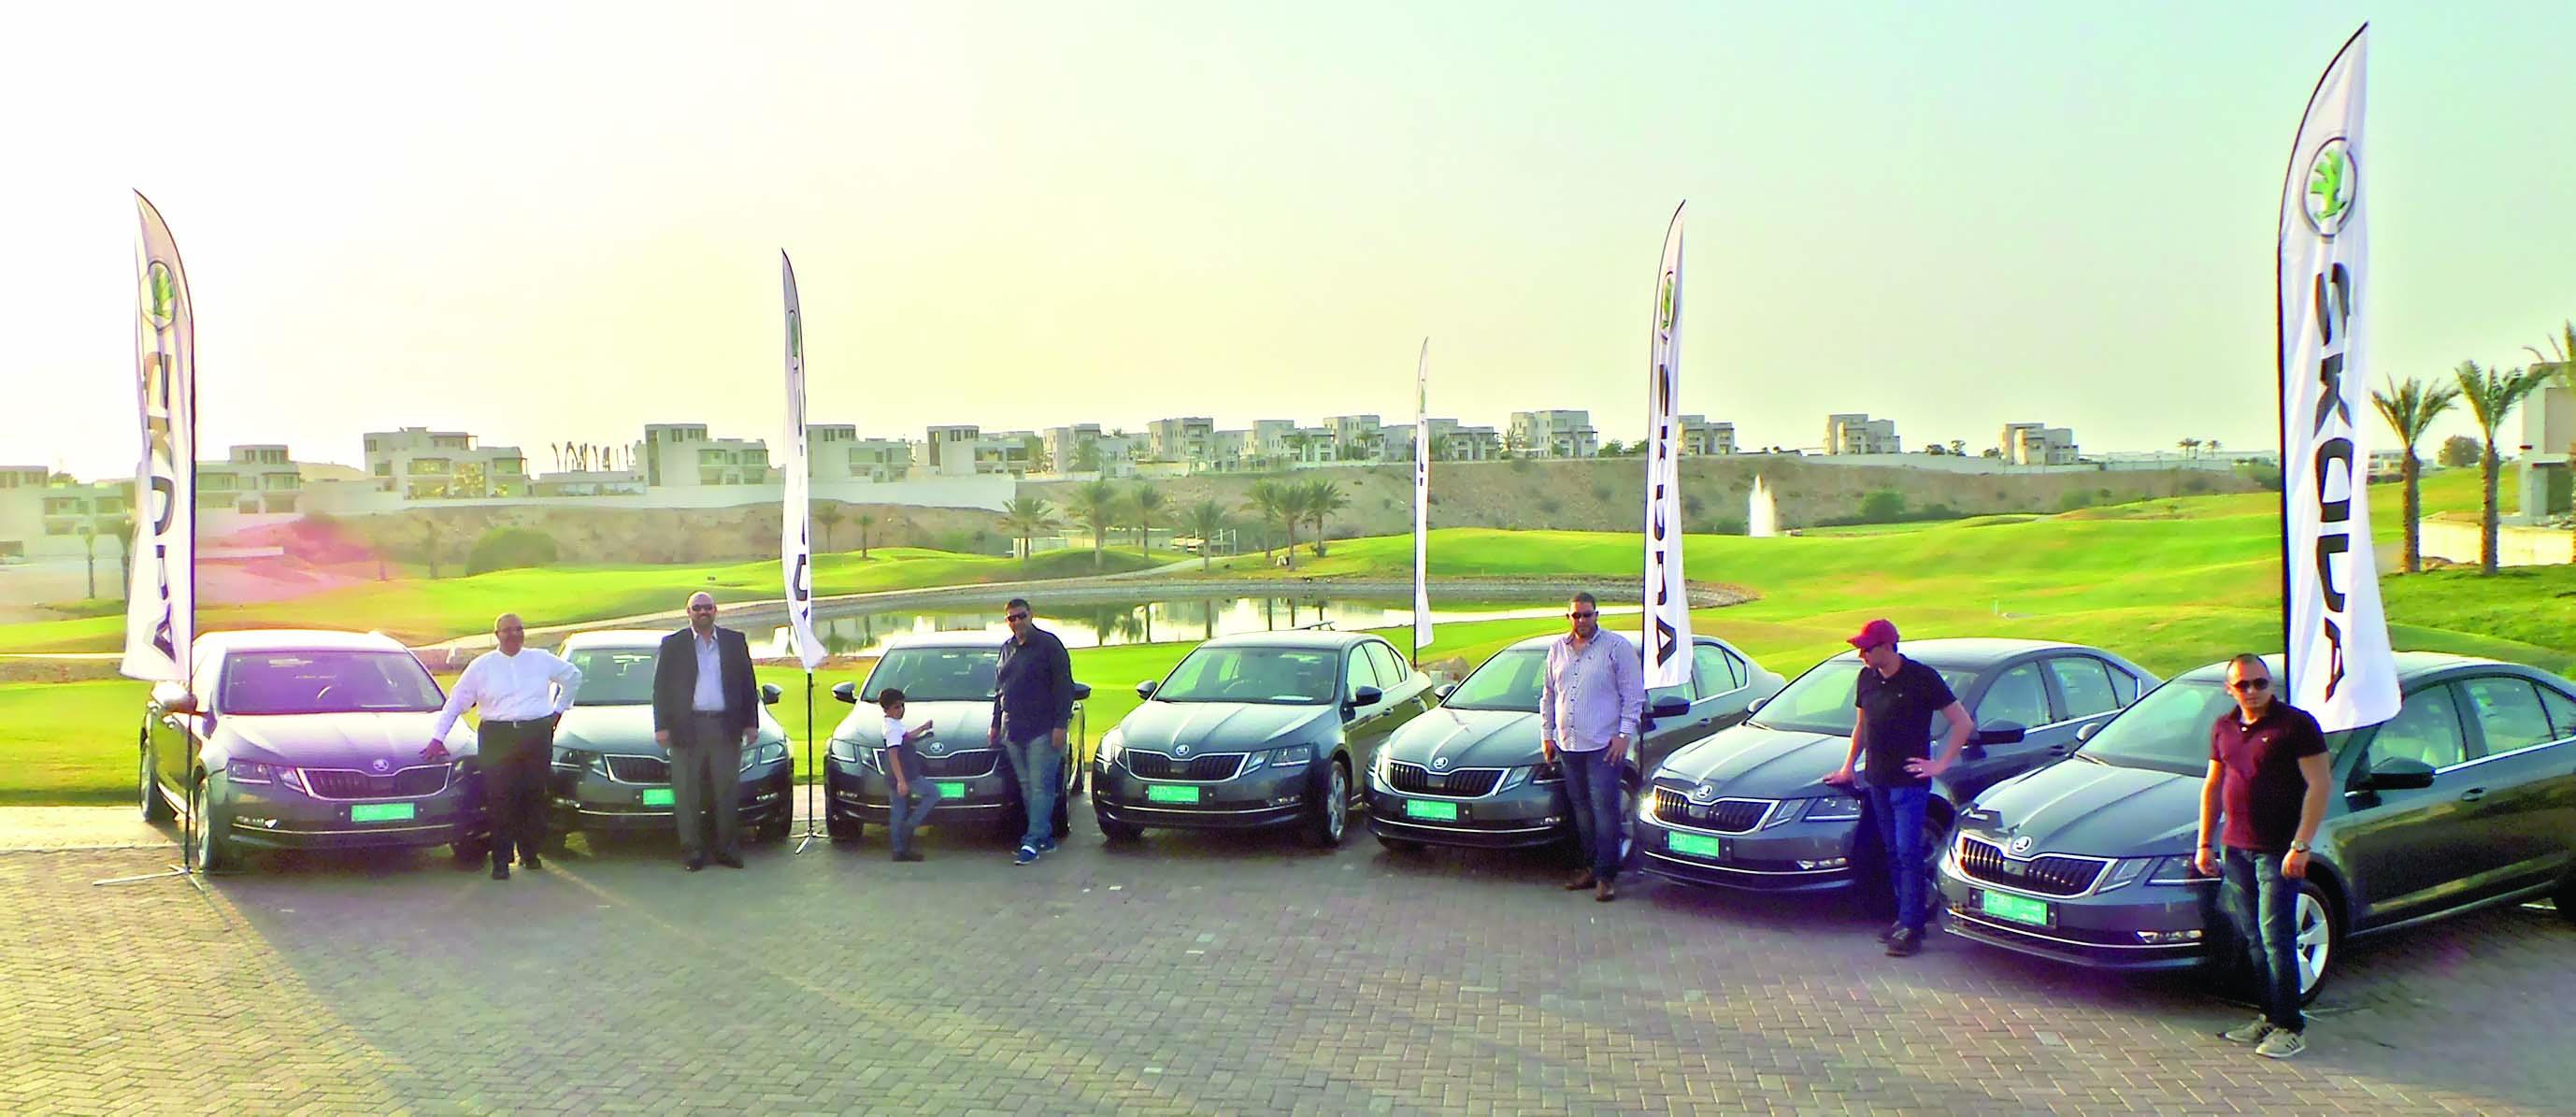 سيارات الوطية تعيد تقديم سكودا في عمان في احتفالية تسليم خاصة